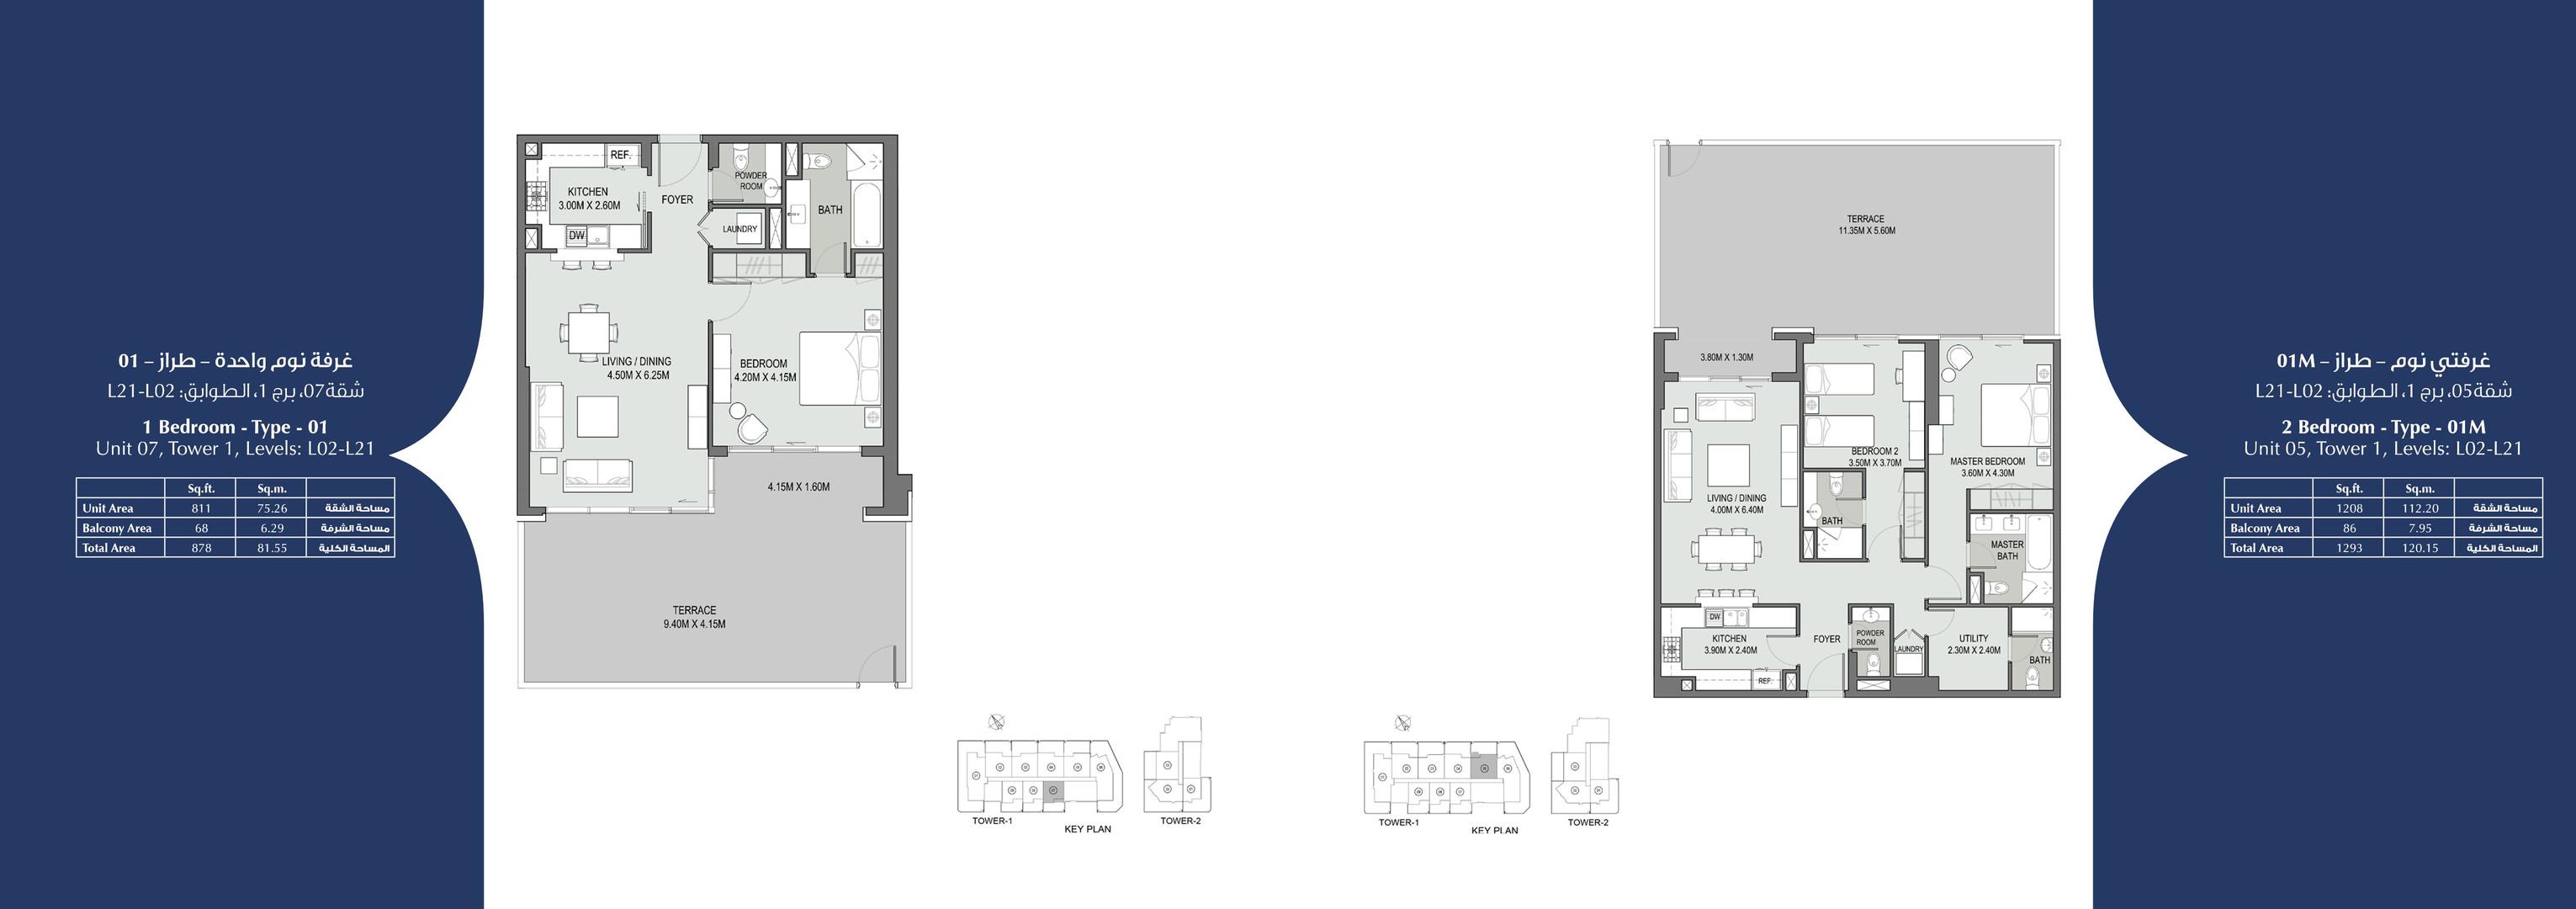 Brochure-New-Bellevue-Towers_18.jpg